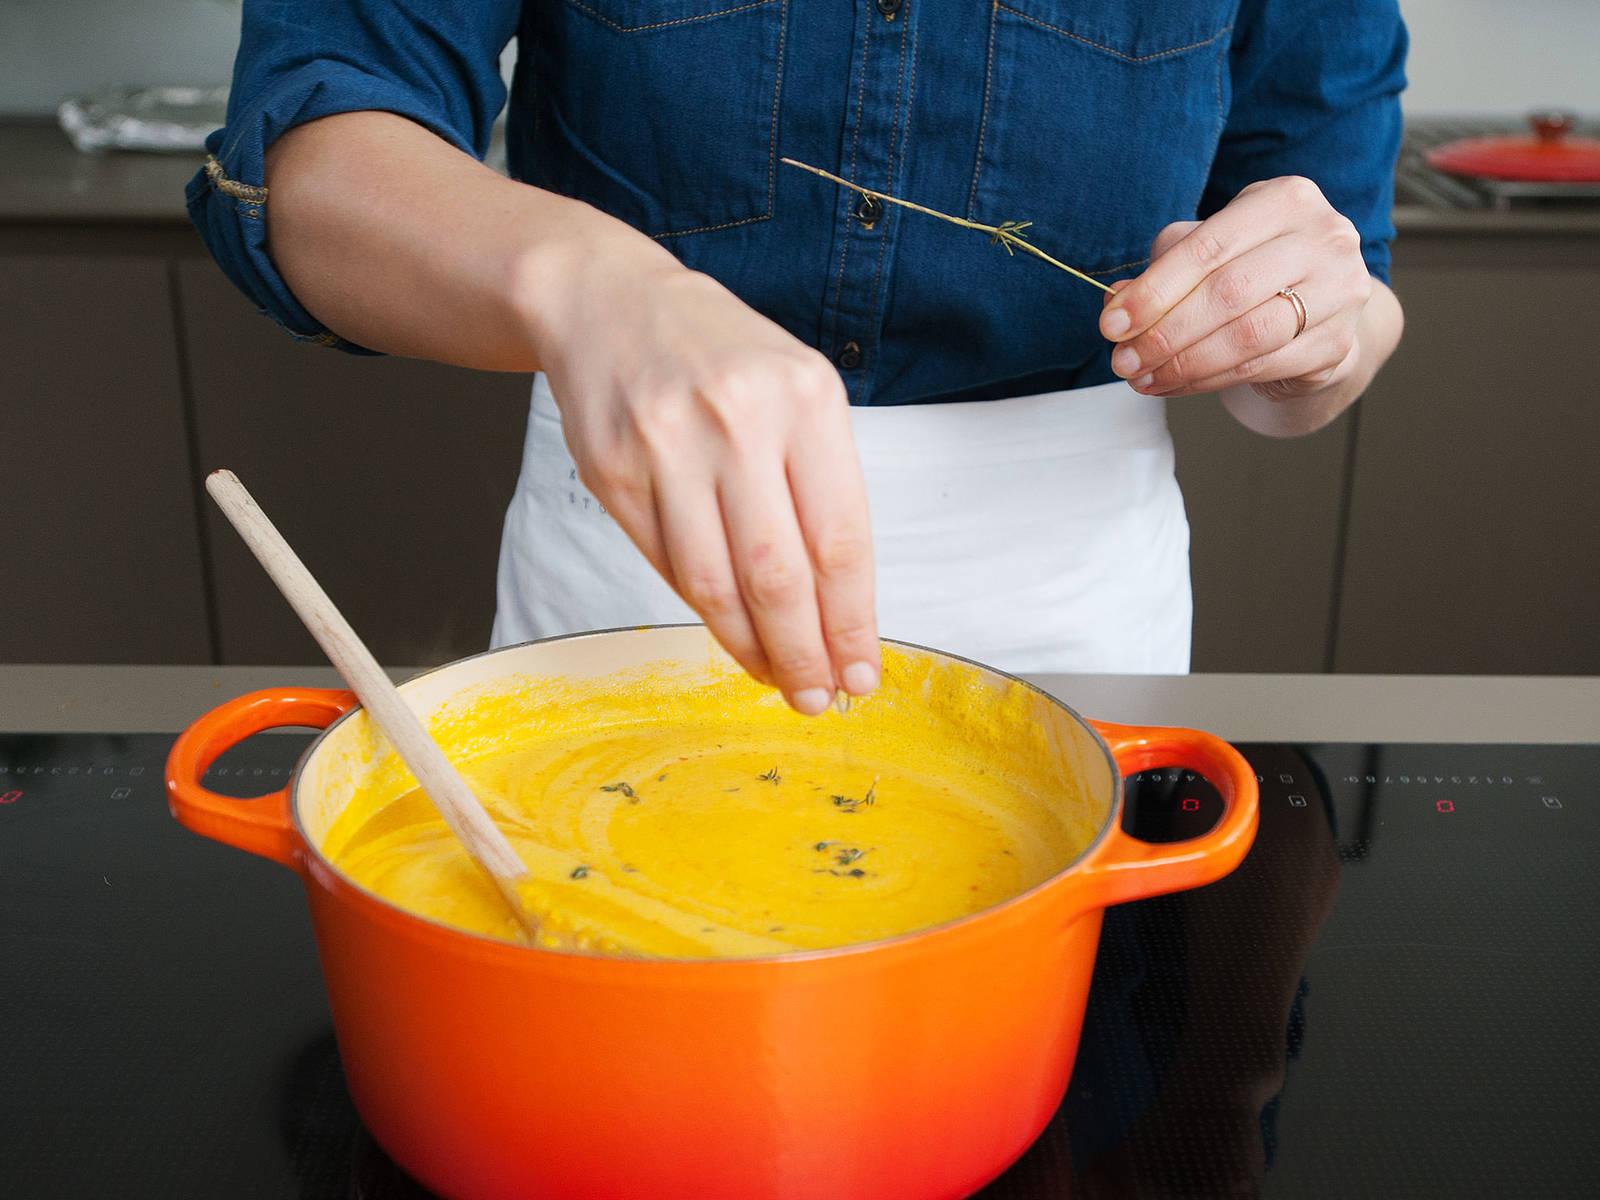 拌入奶油和百里香,加盐和胡椒调味。和地中海玛芬松饼一起上桌。尽情享用吧!